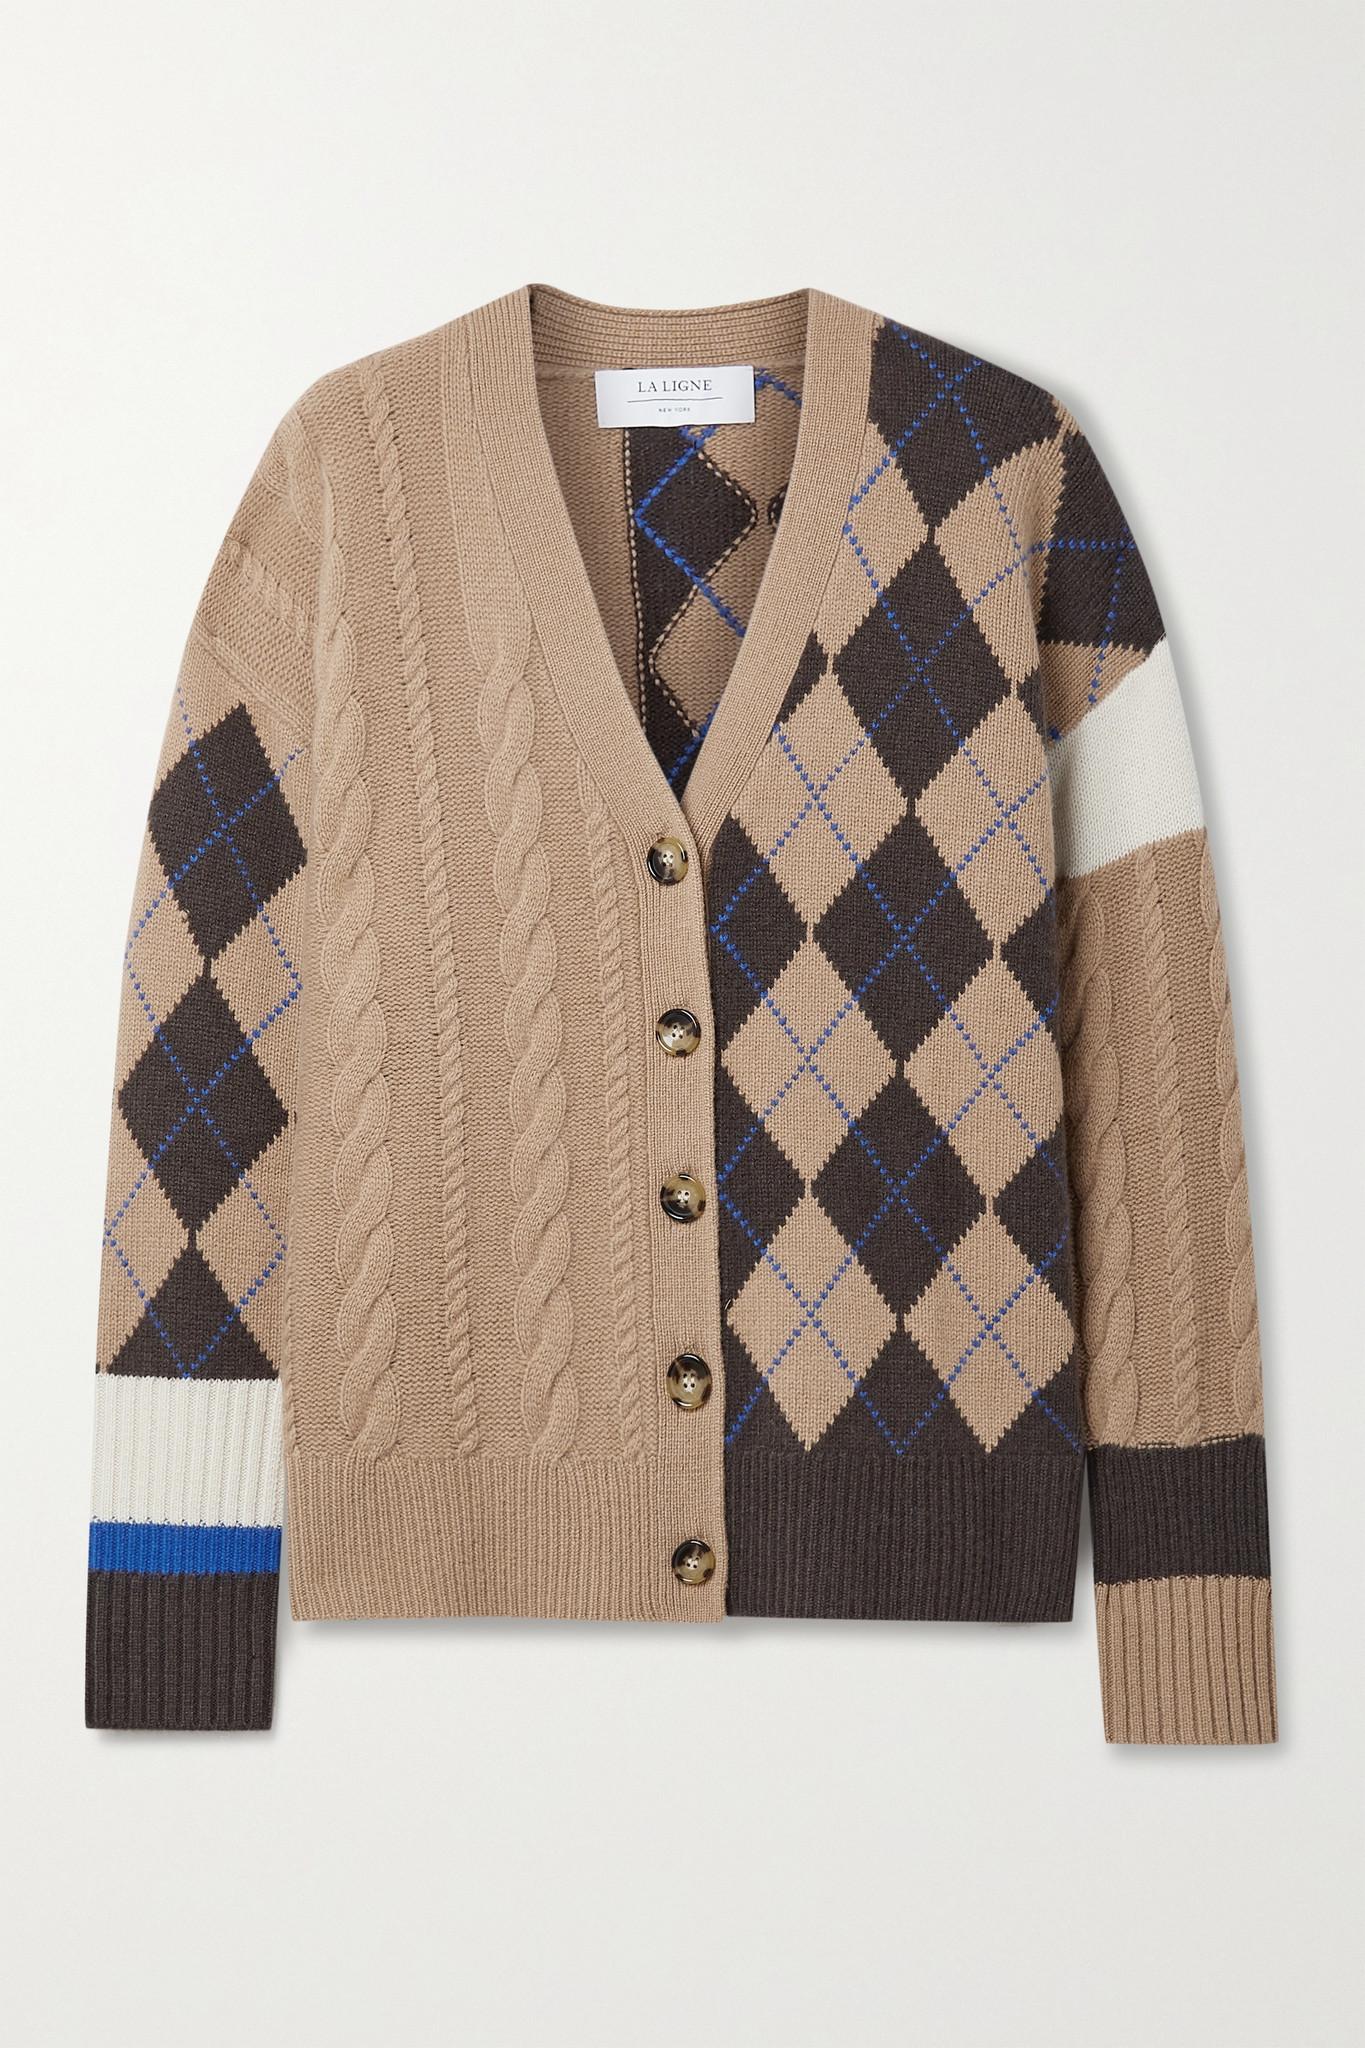 LA LIGNE - Patchwork Cable-knit Cashmere Cardigan - Brown - large